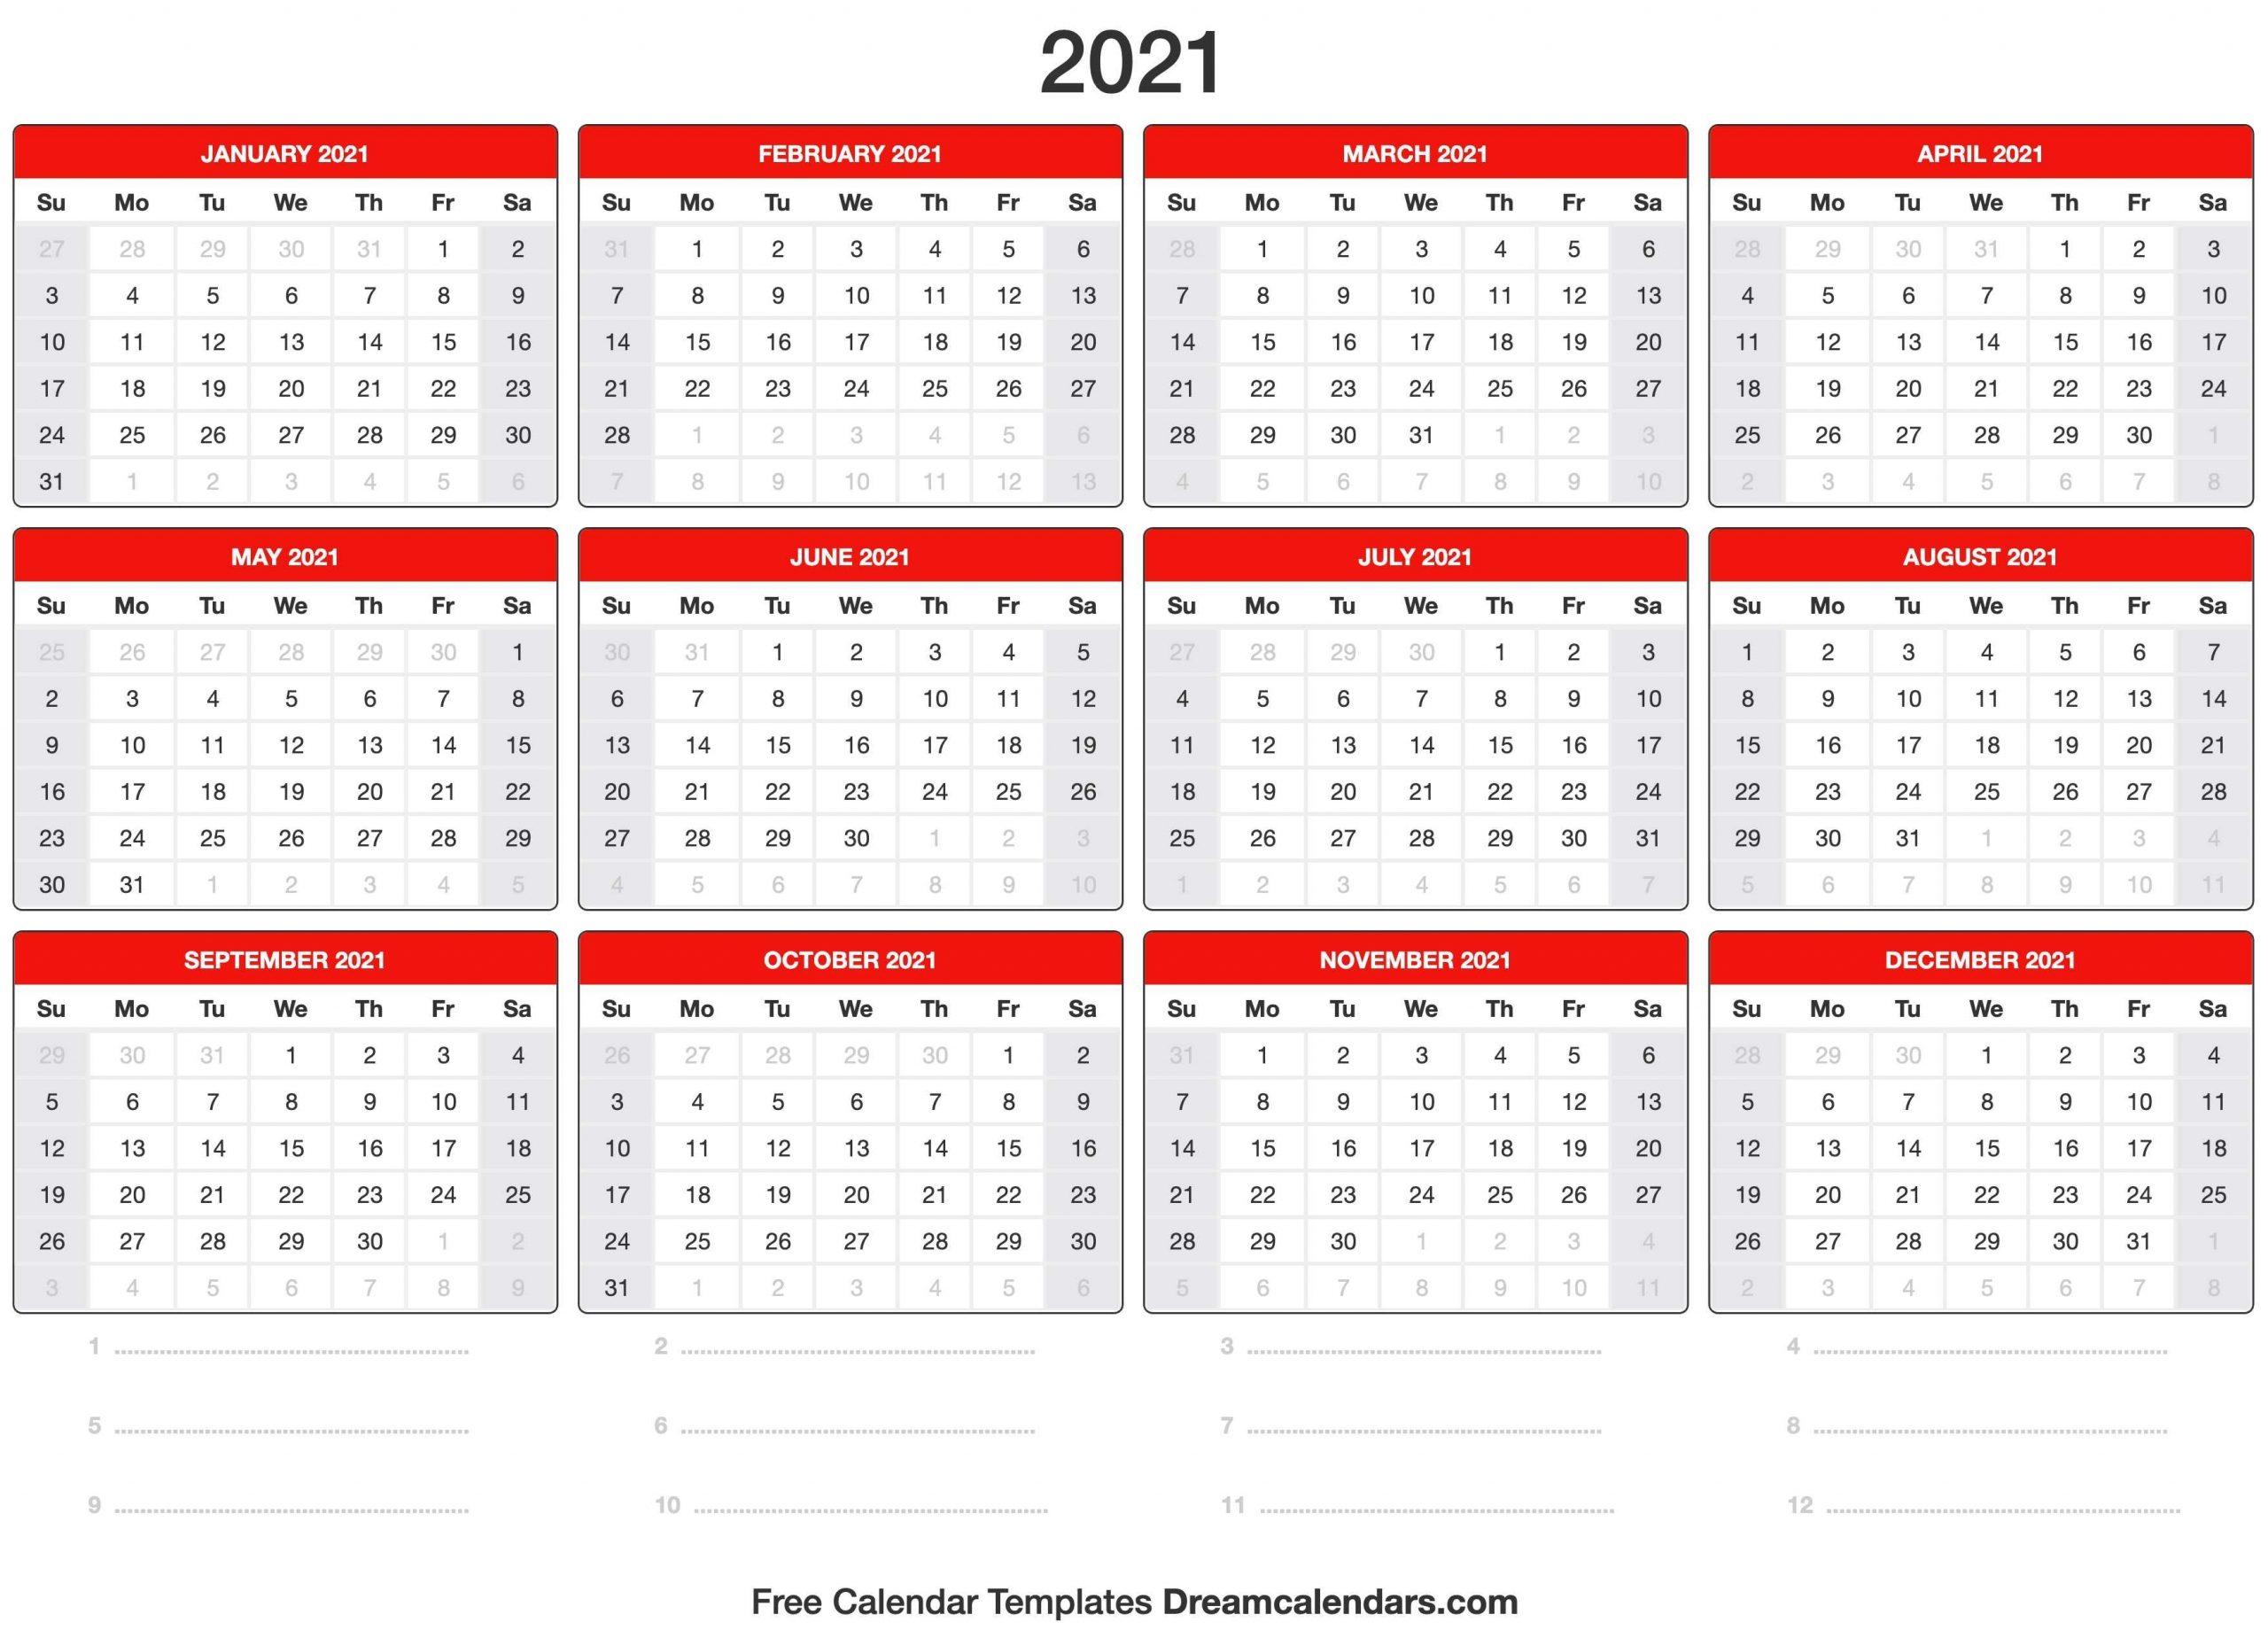 2021 Calendar-2021 Calnder By Week No Excel